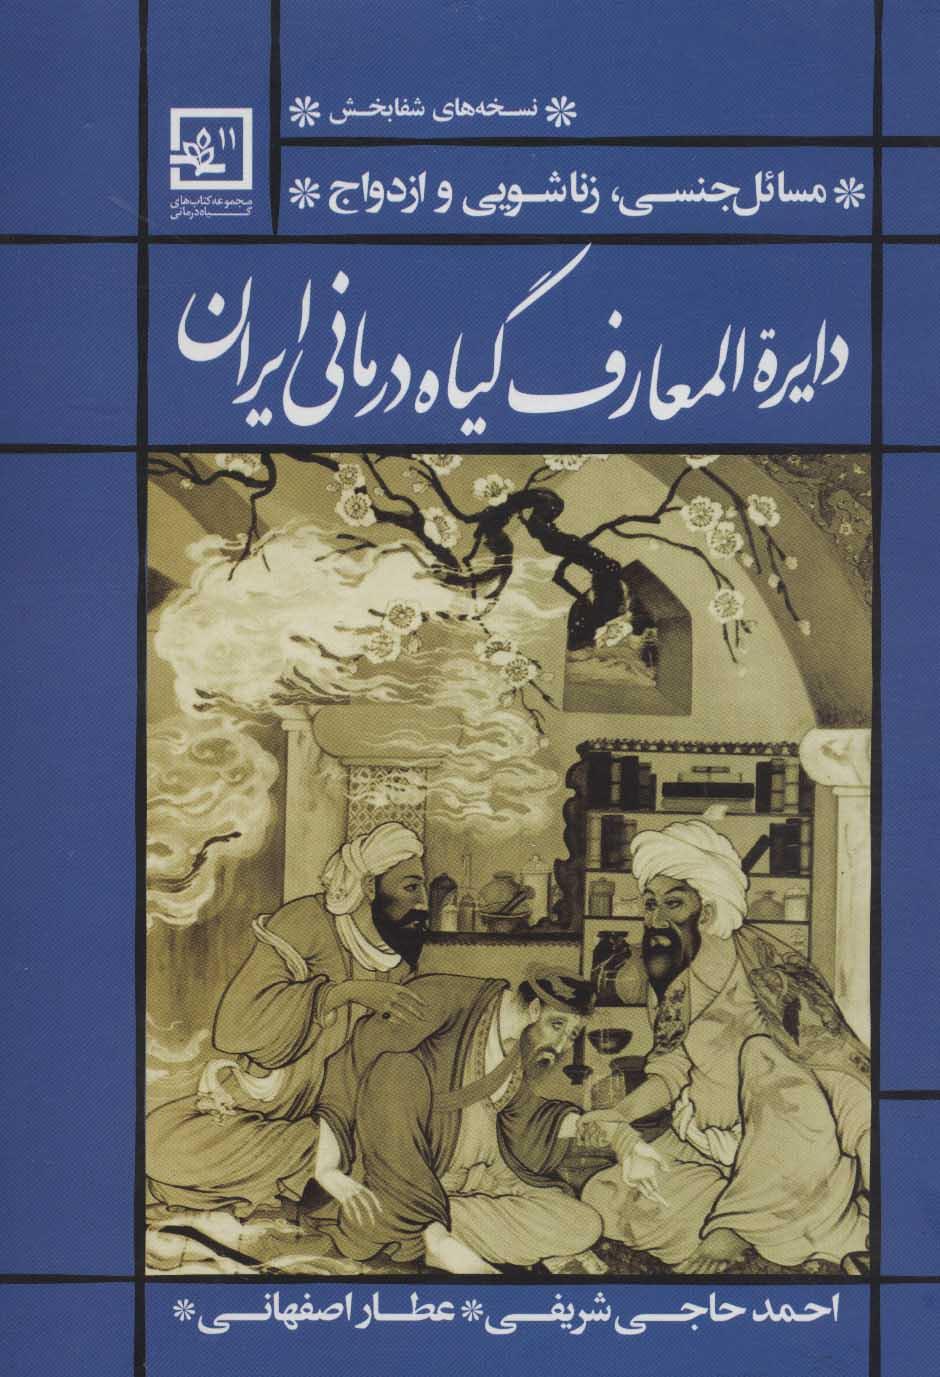 دایره المعارف گیاه درمانی ایران:مسائل جنسی،زناشویی و ازدواج (گیاه درمانی11)